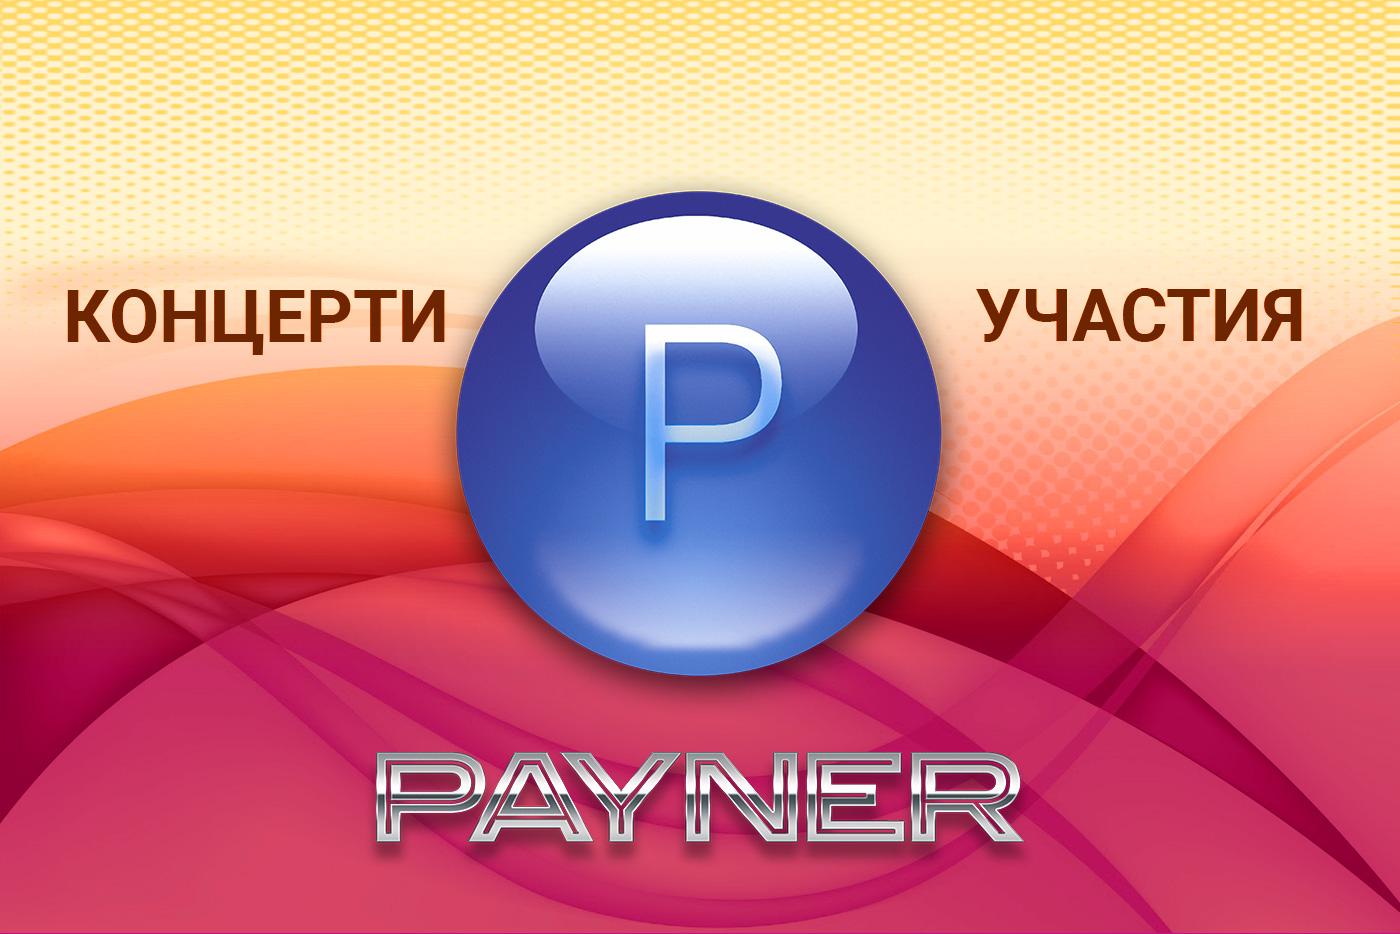 """Участия на звездите на """"Пайнер"""" на 07.12.2019"""